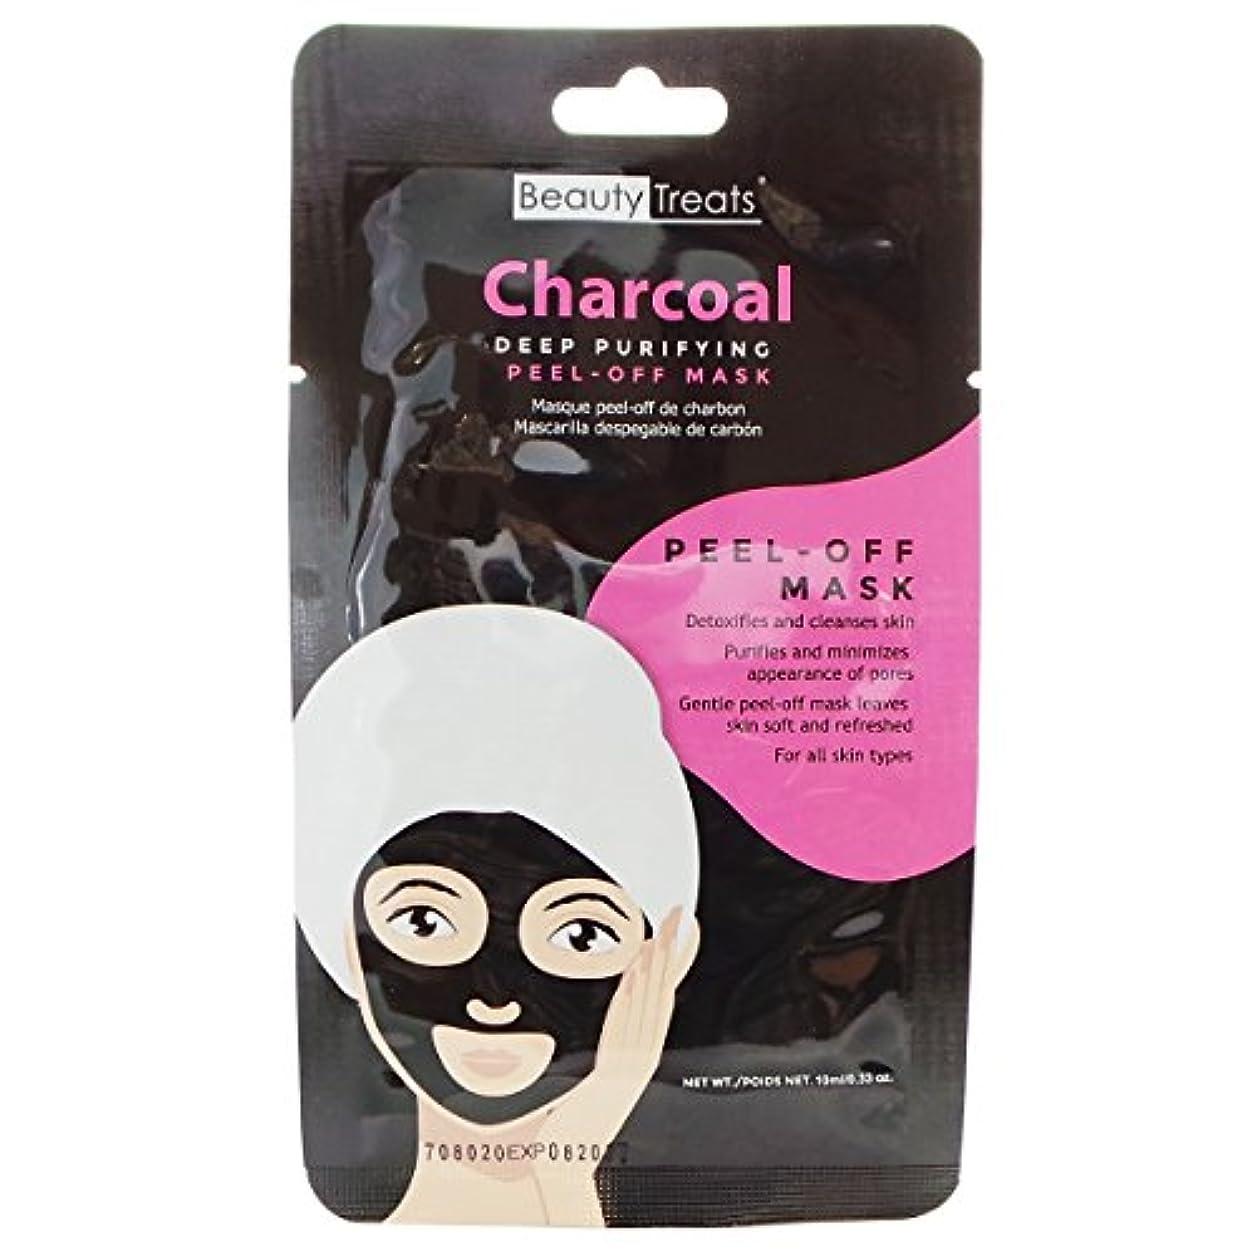 代理店プレゼント花婿BEAUTY TREATS Deep Purifying Peel-Off Charcoal Mask (並行輸入品)